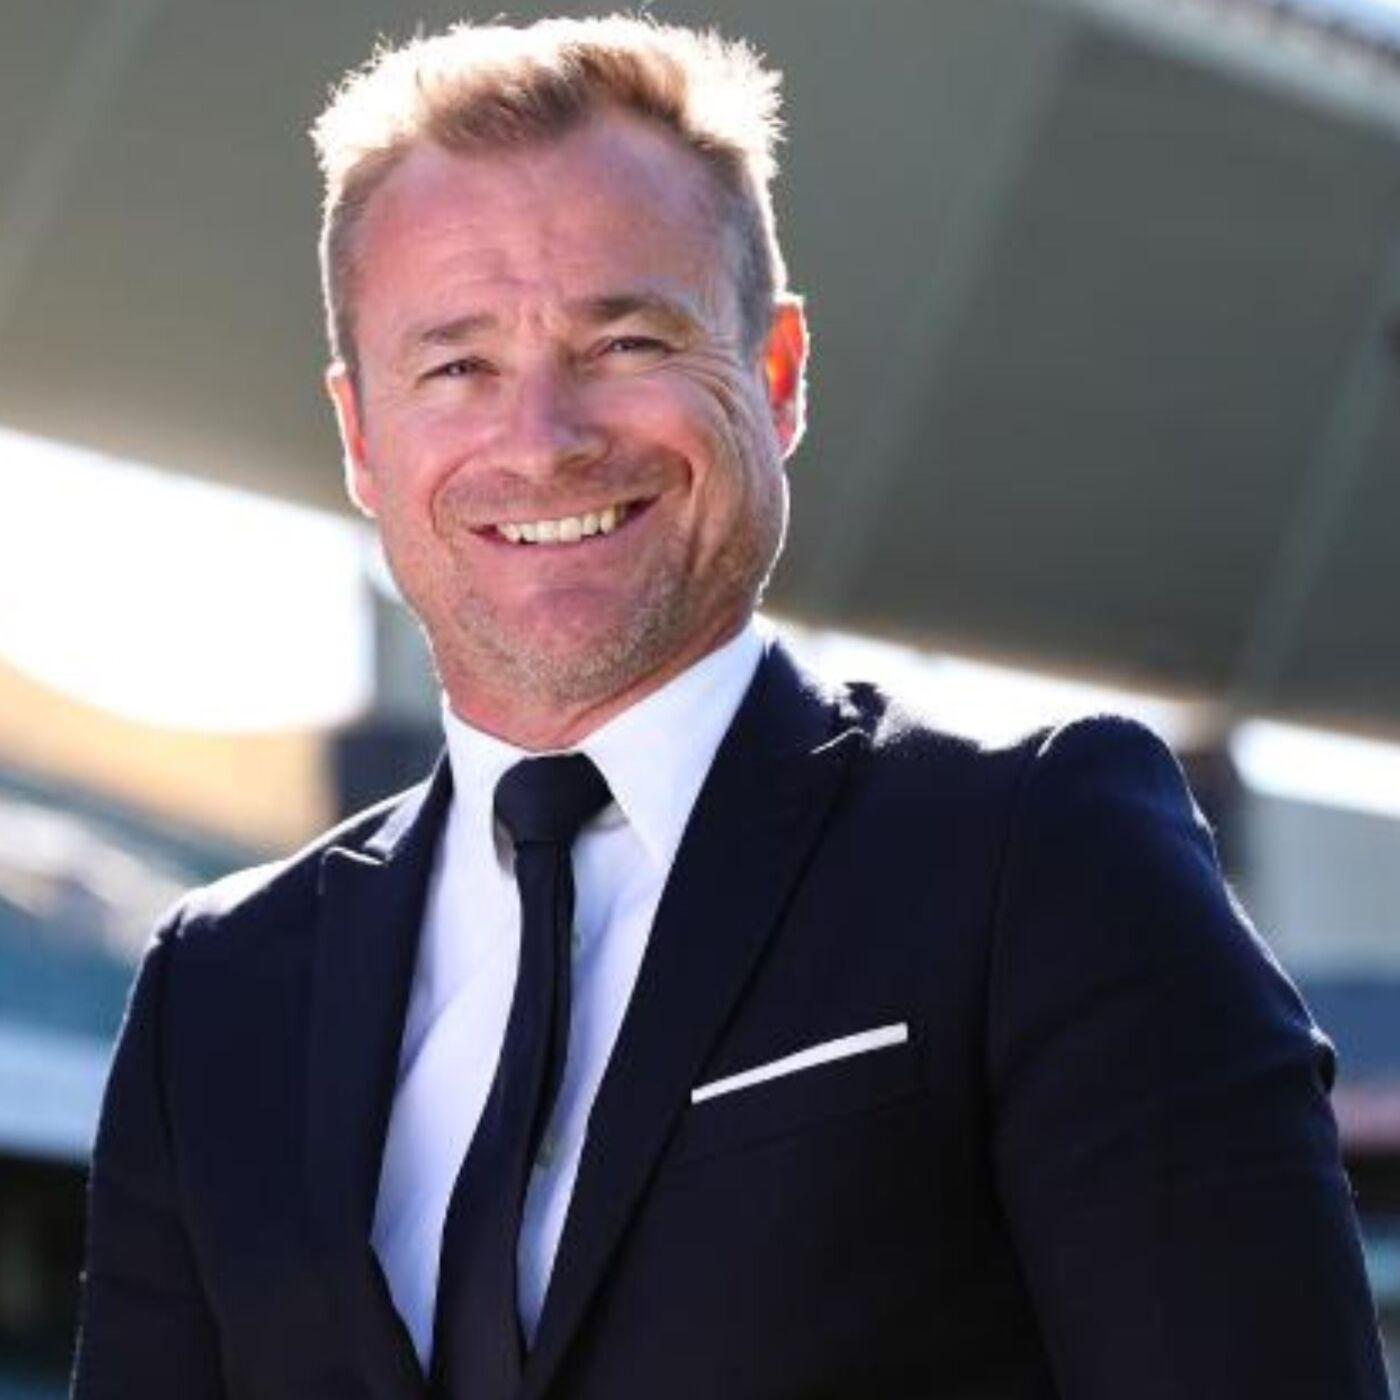 Sydney Football Club CEO – Danny Townsend